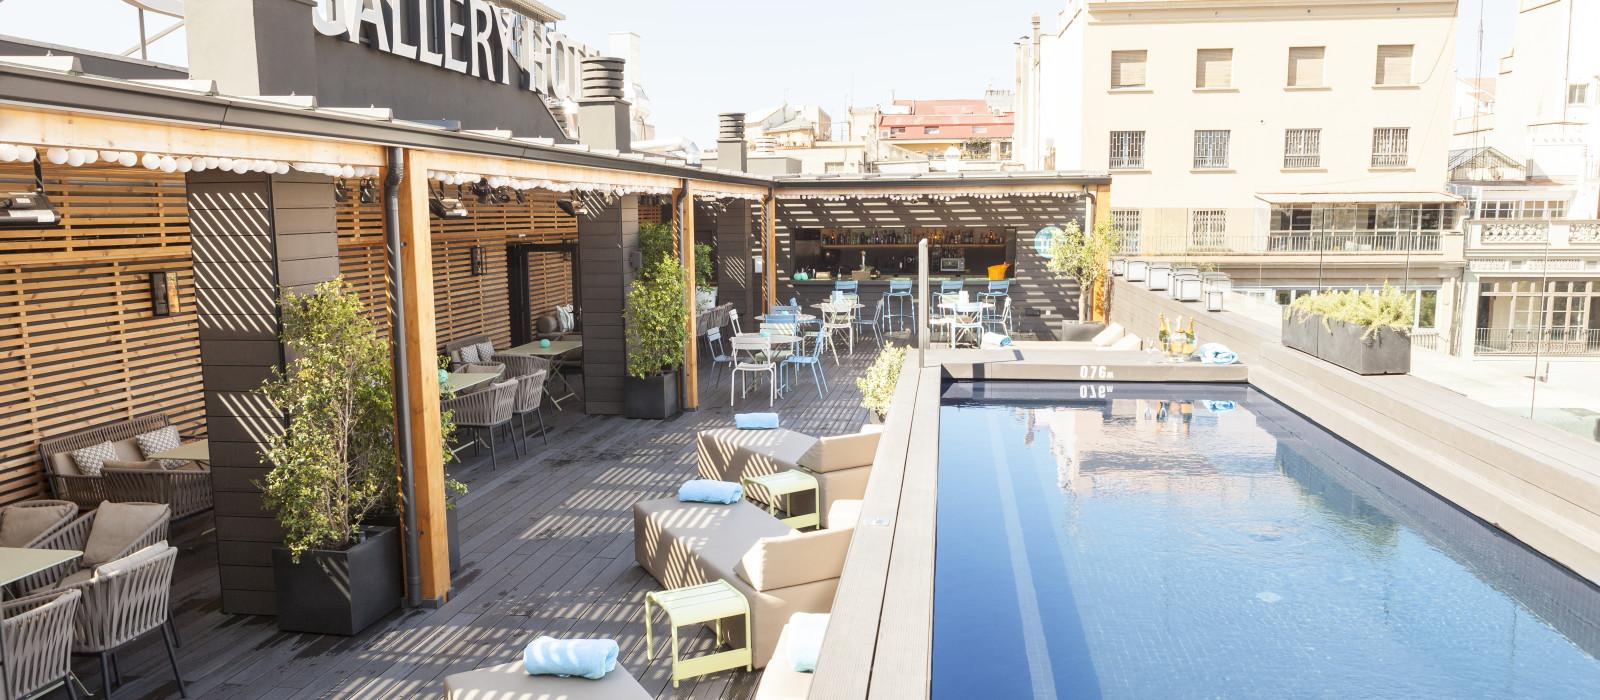 Hotel Gallery  Spain